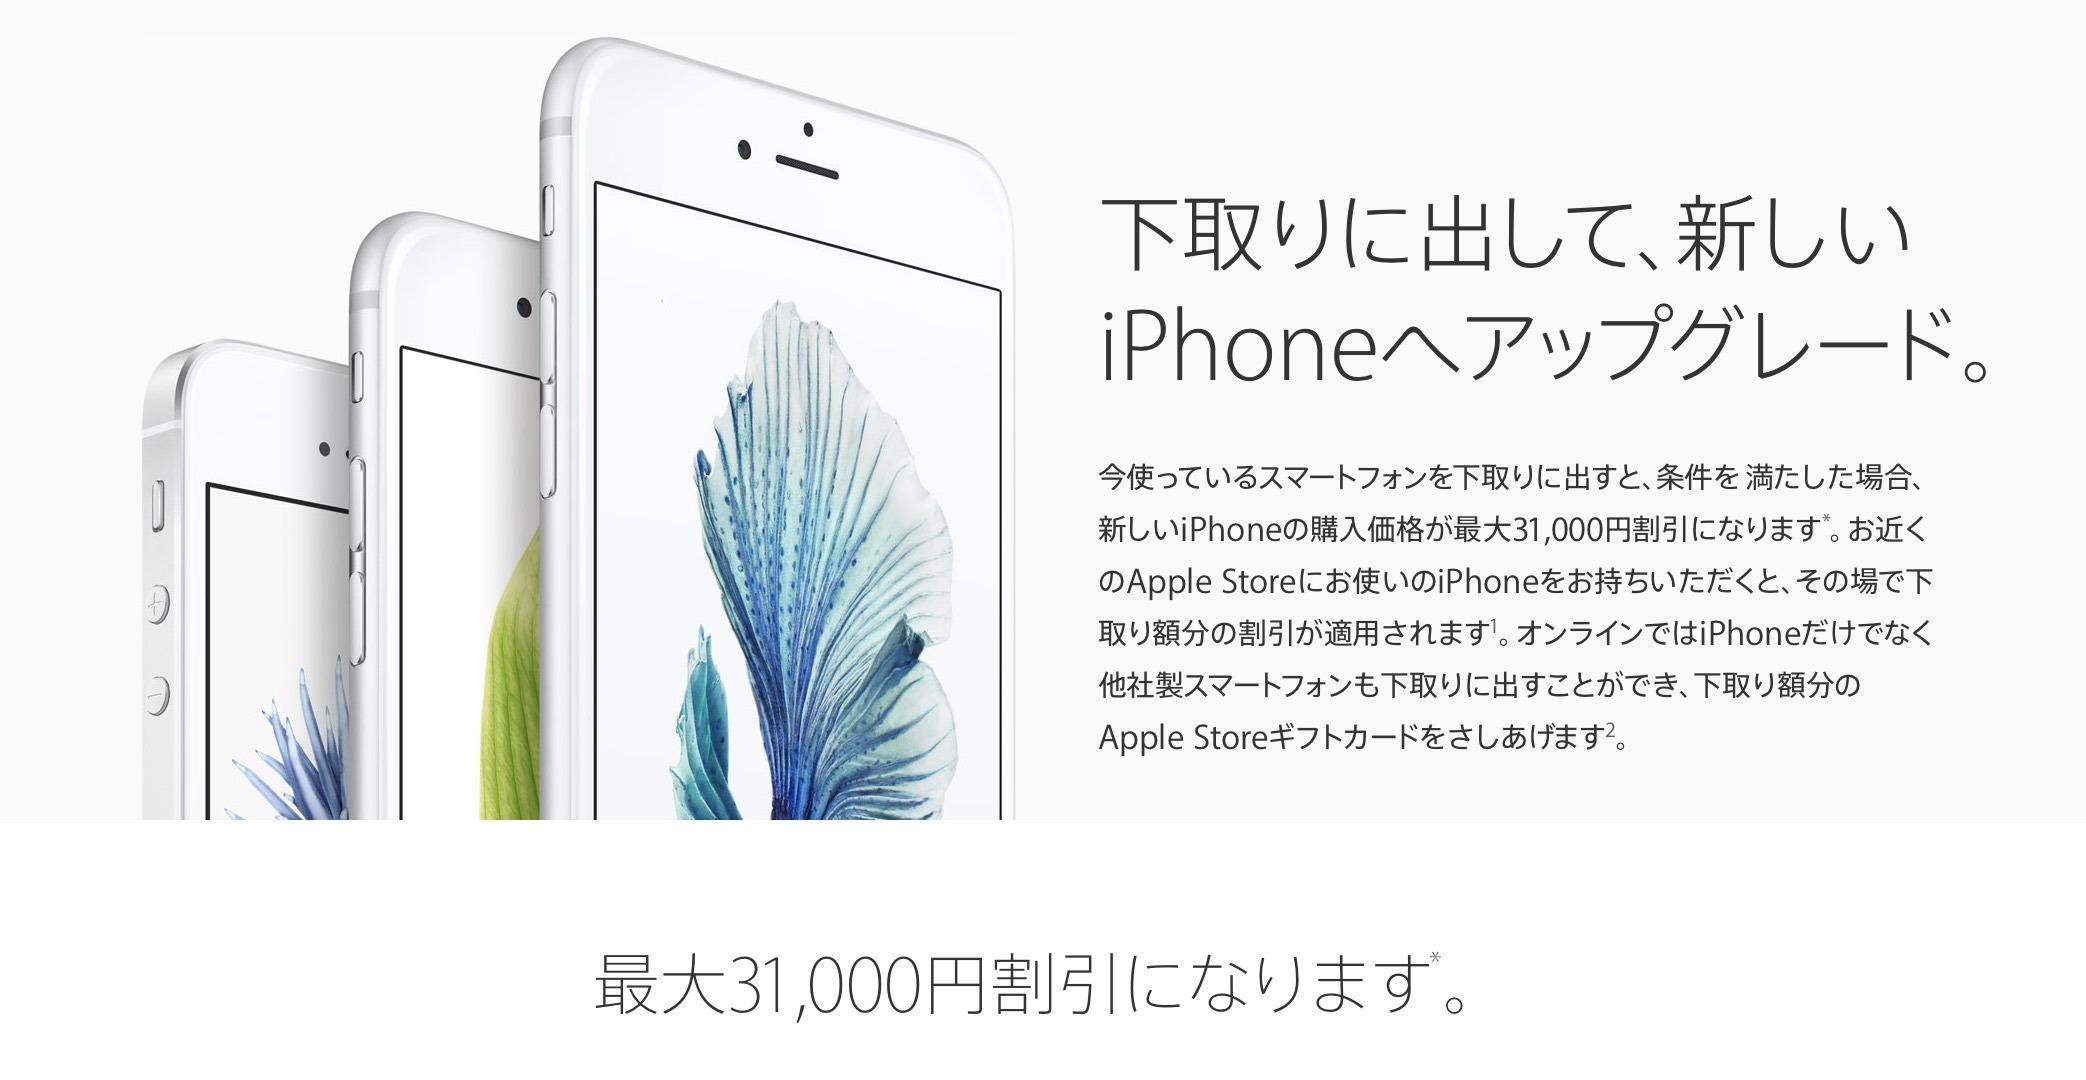 iphonekaitori